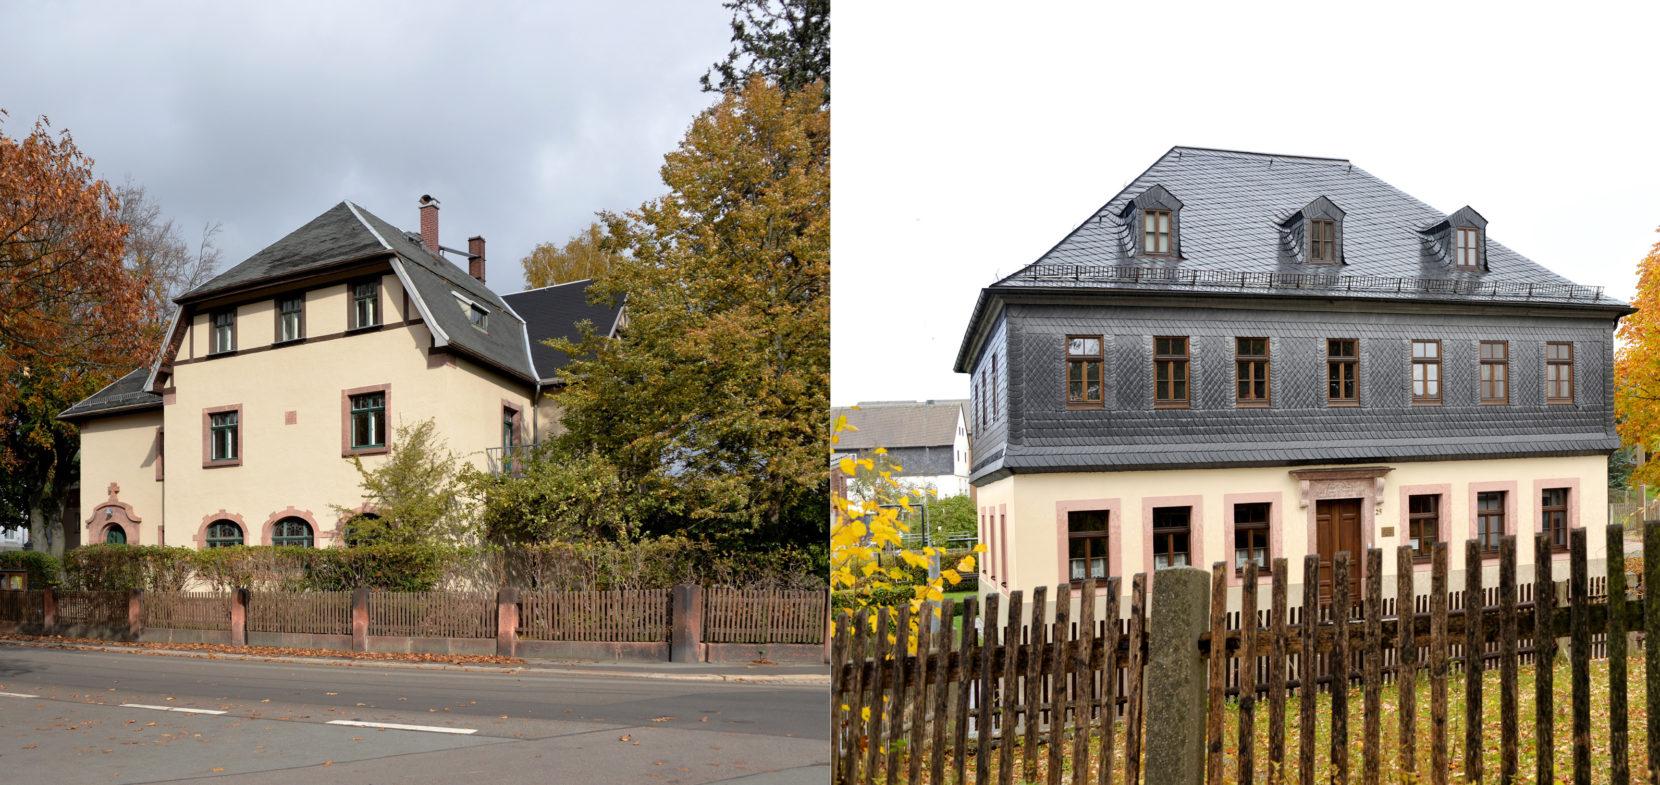 Kirchgemeinde Oberfrohna-Rußdorf